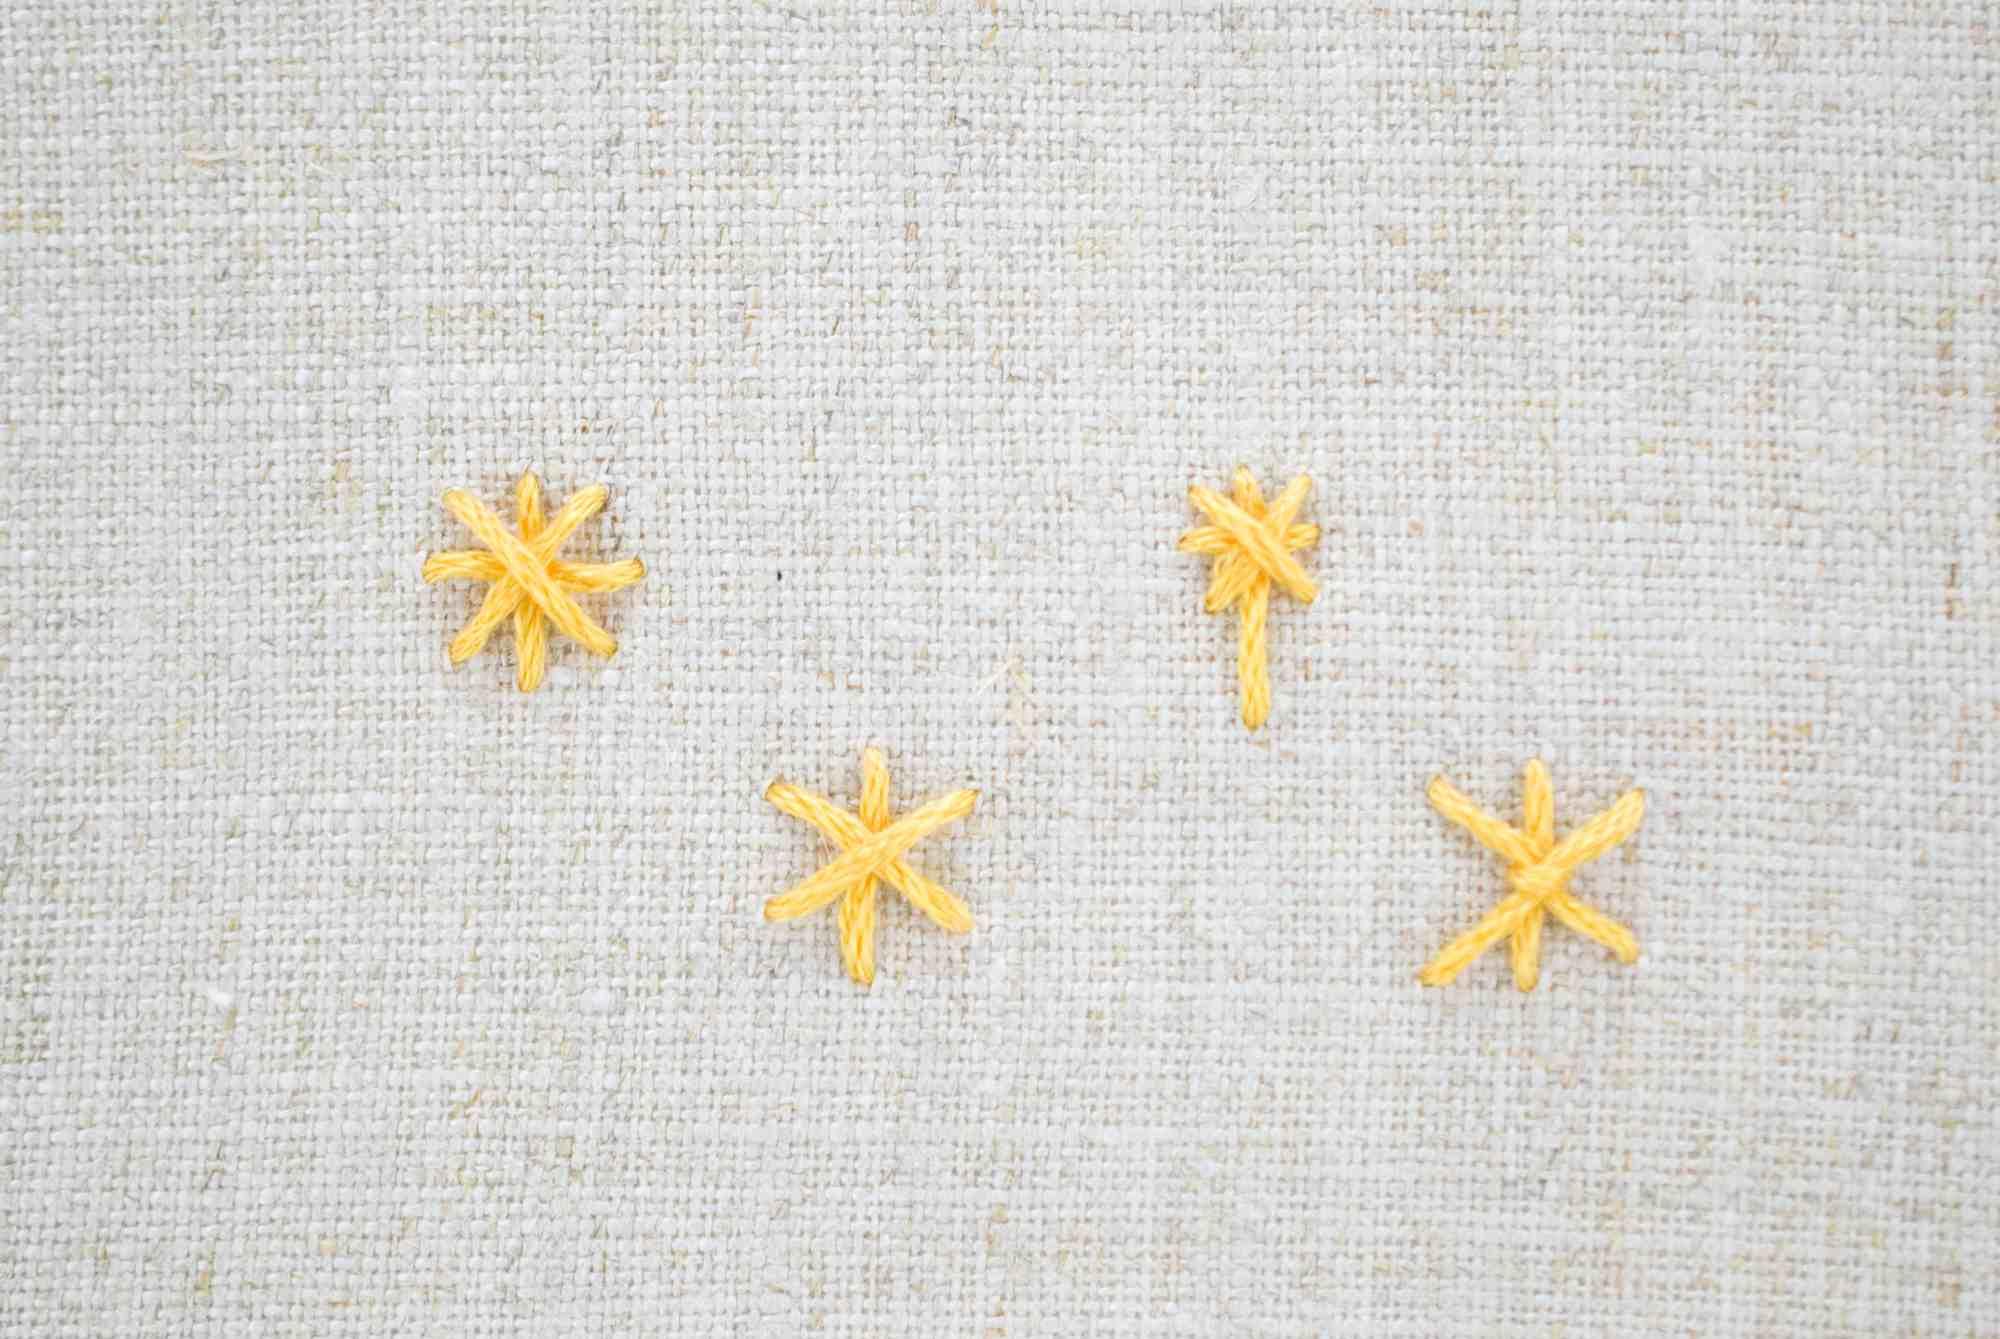 Star Stitch Variations